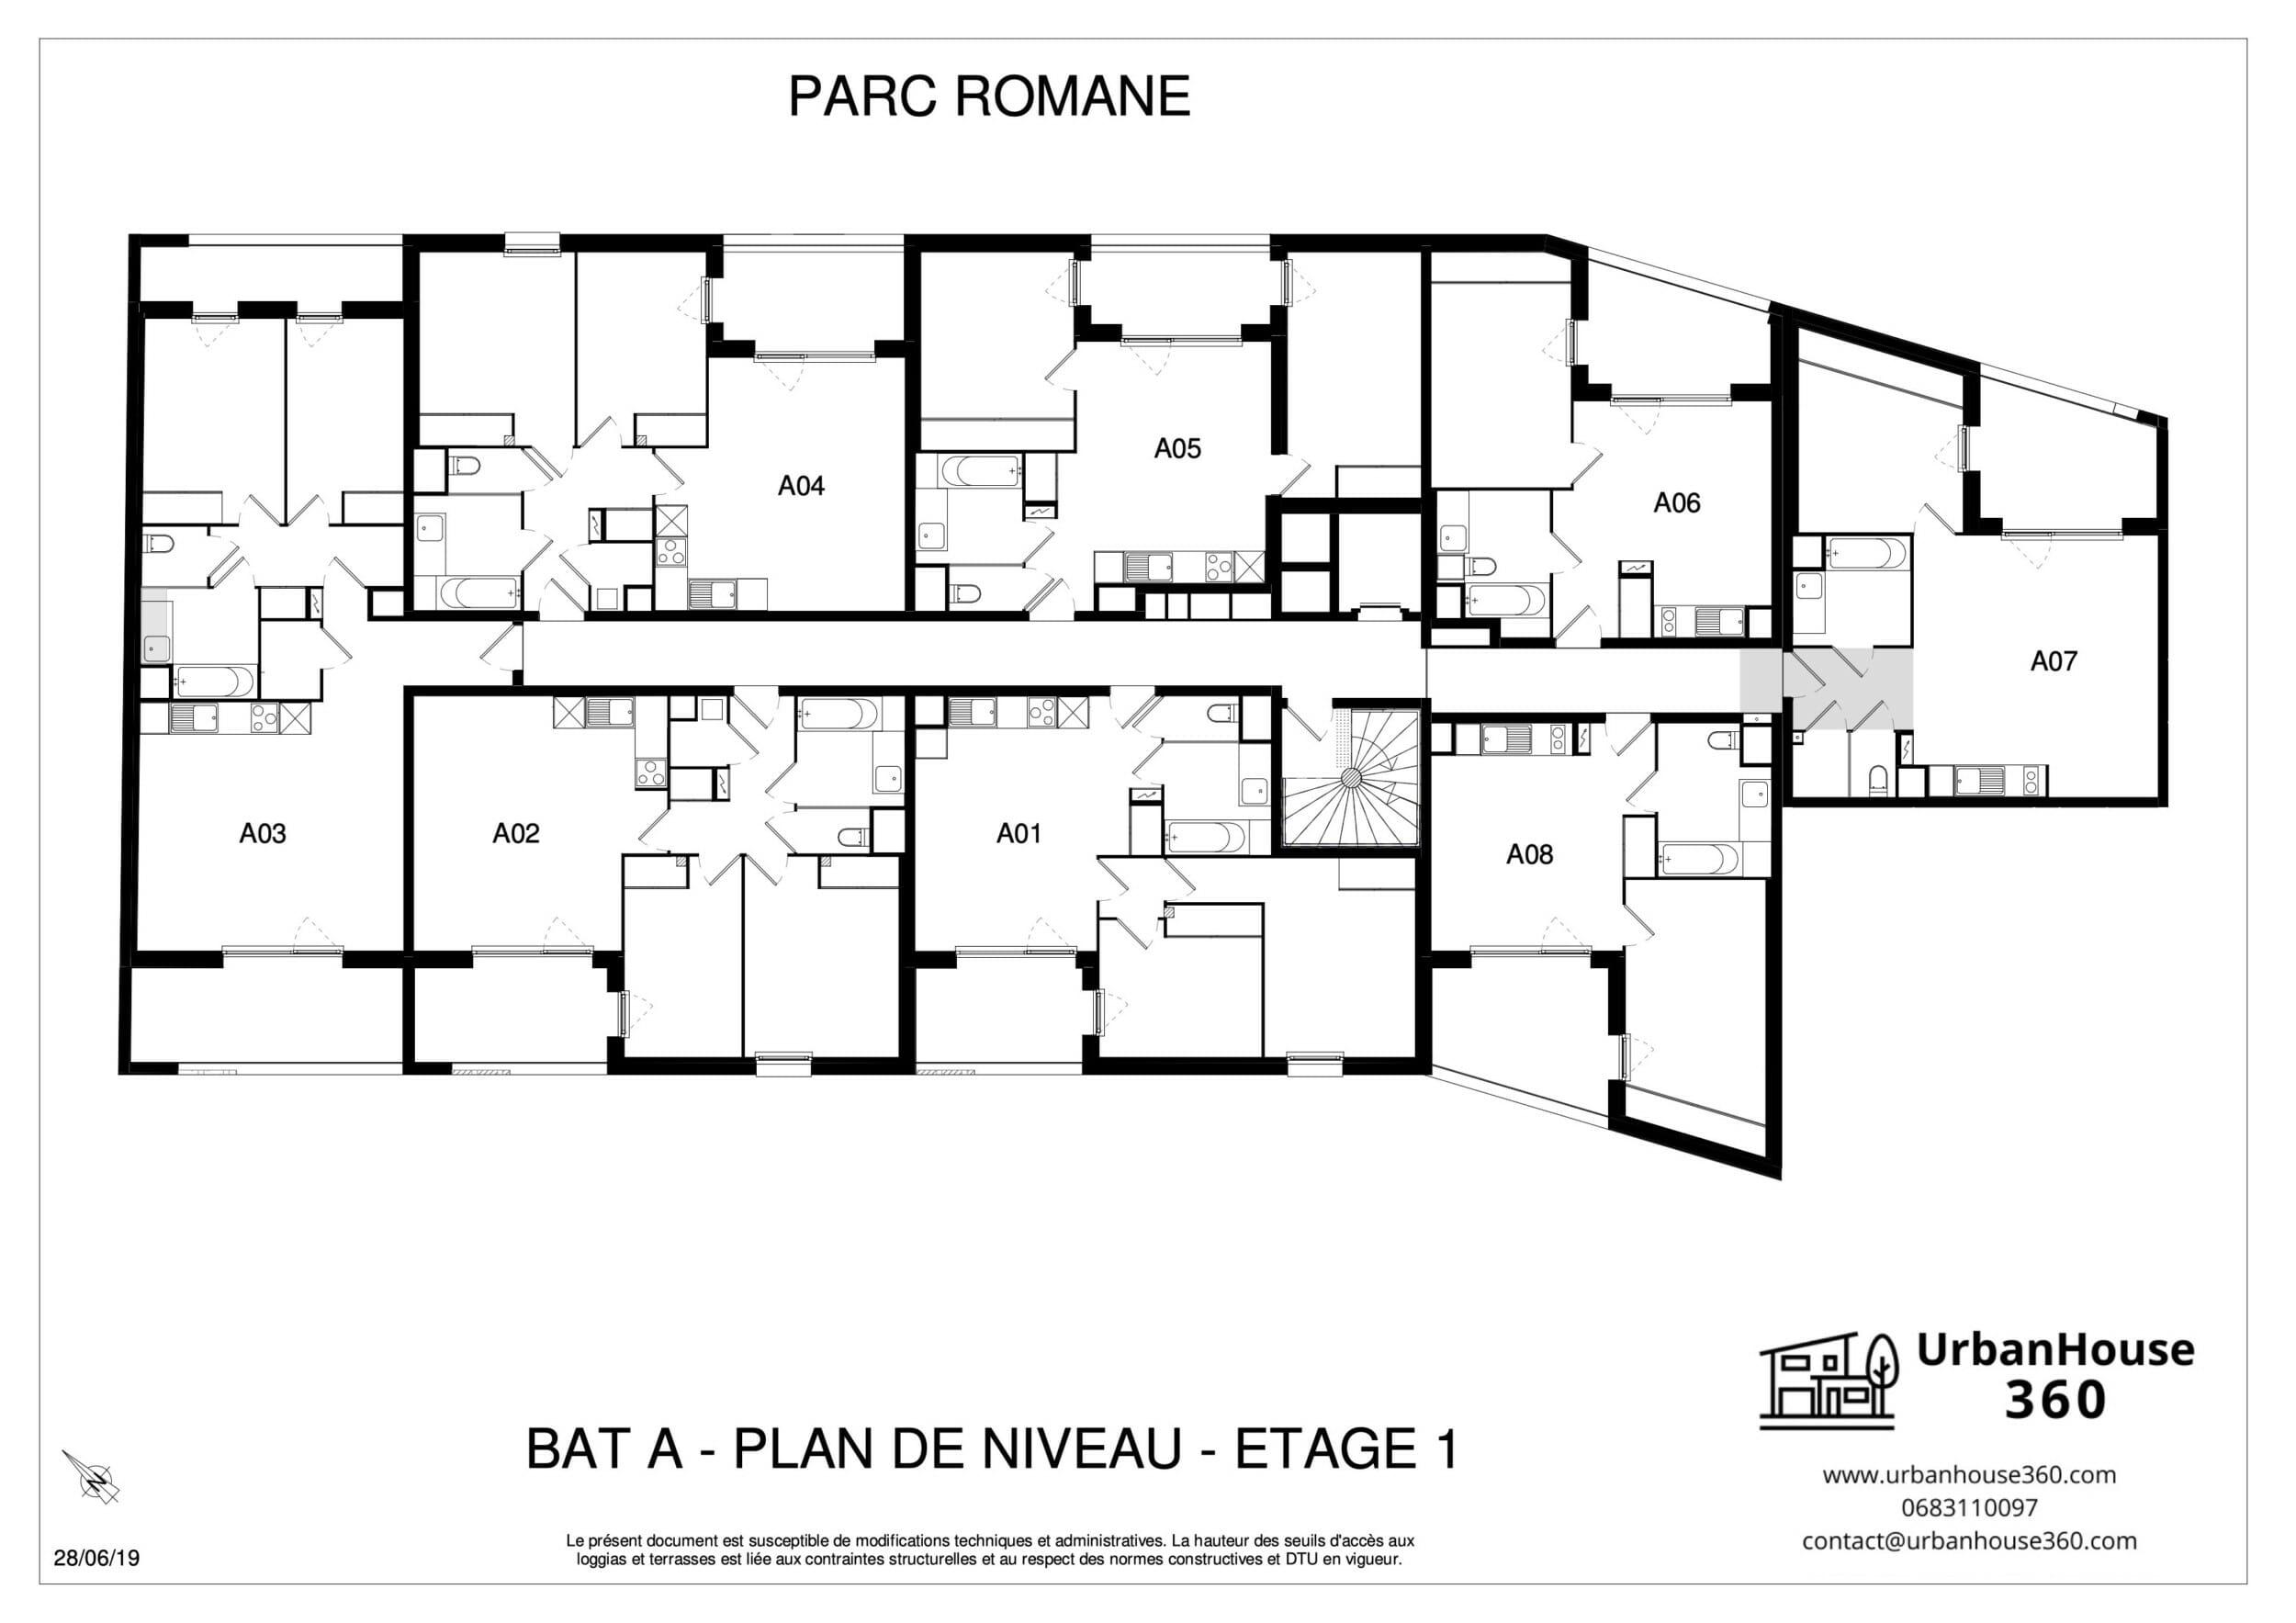 UrbanHouse360_plans_de_niveau_a-b-c-_parc_romane 2